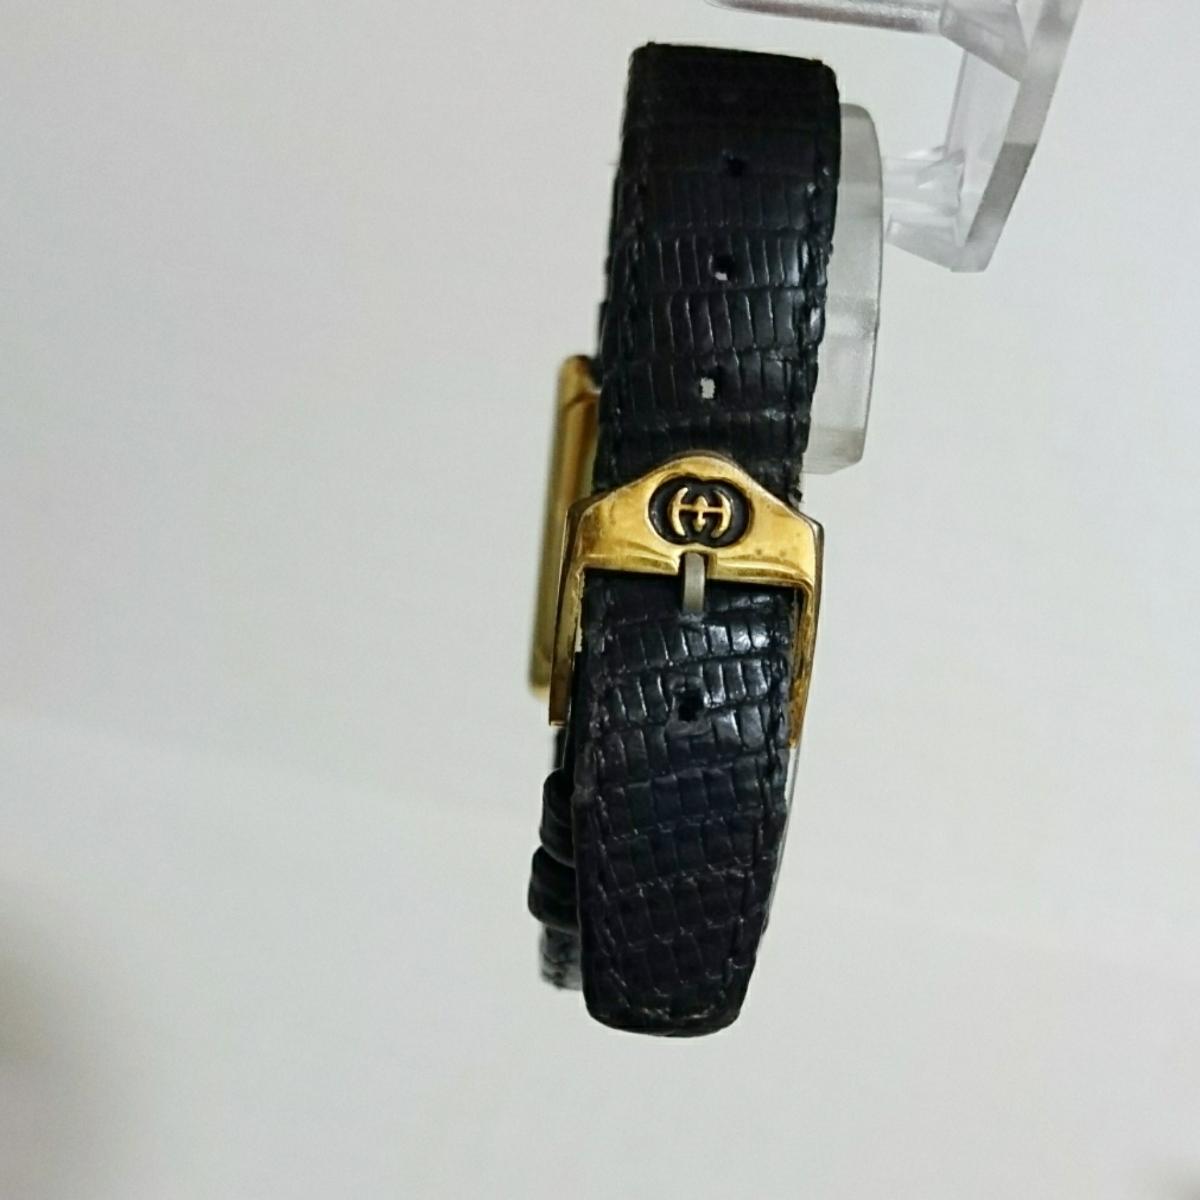 腕時計 グッチ 4100L スクエアブラック文字盤 レディース腕時計_画像5